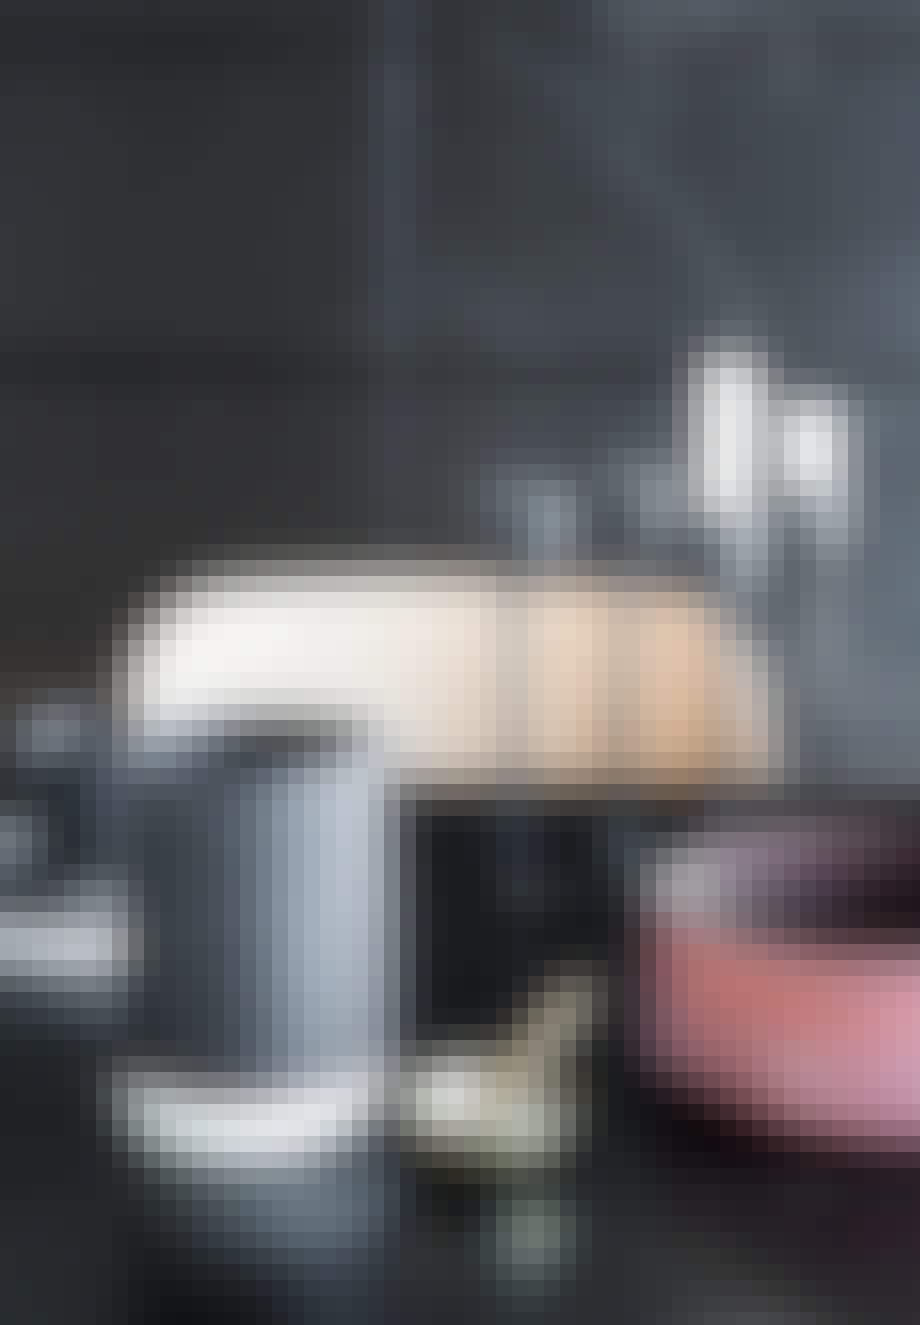 Pynteting på sort bord